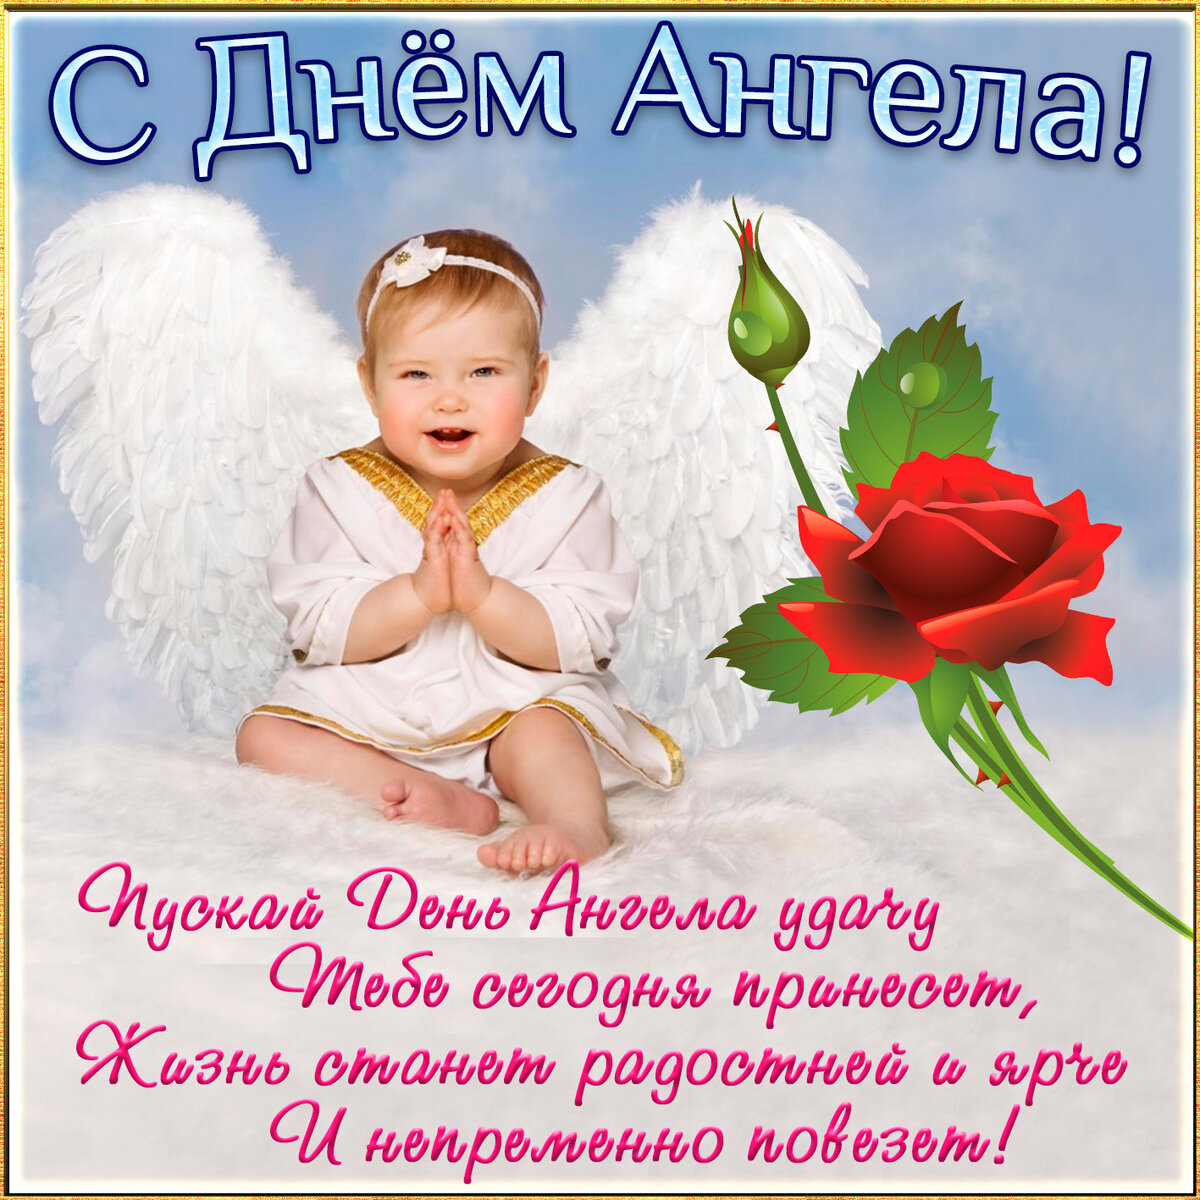 День ангела сегодня поздравления картинки